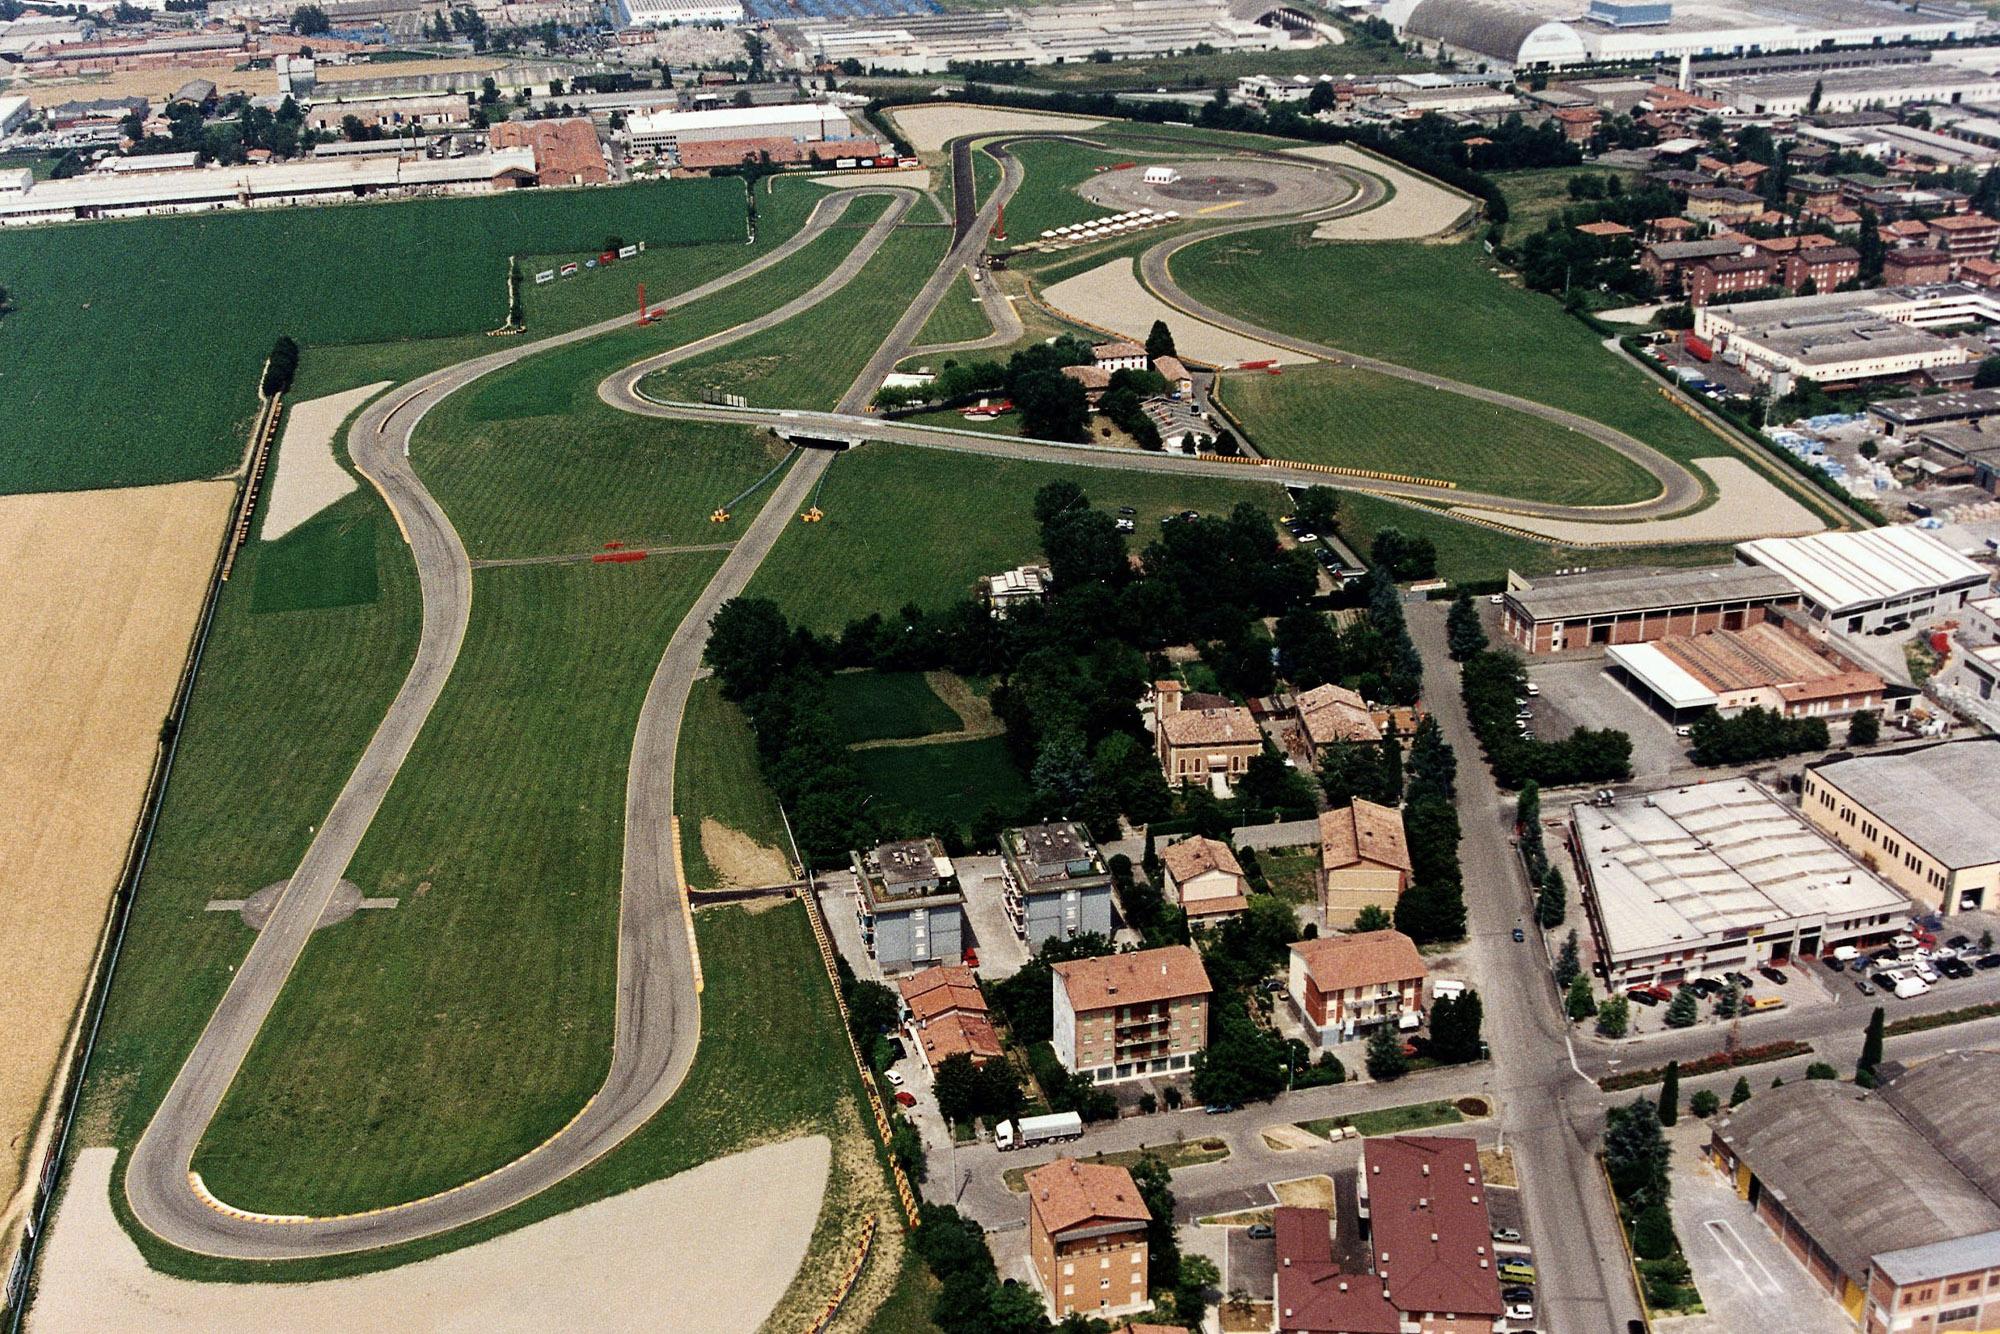 Fiorano track